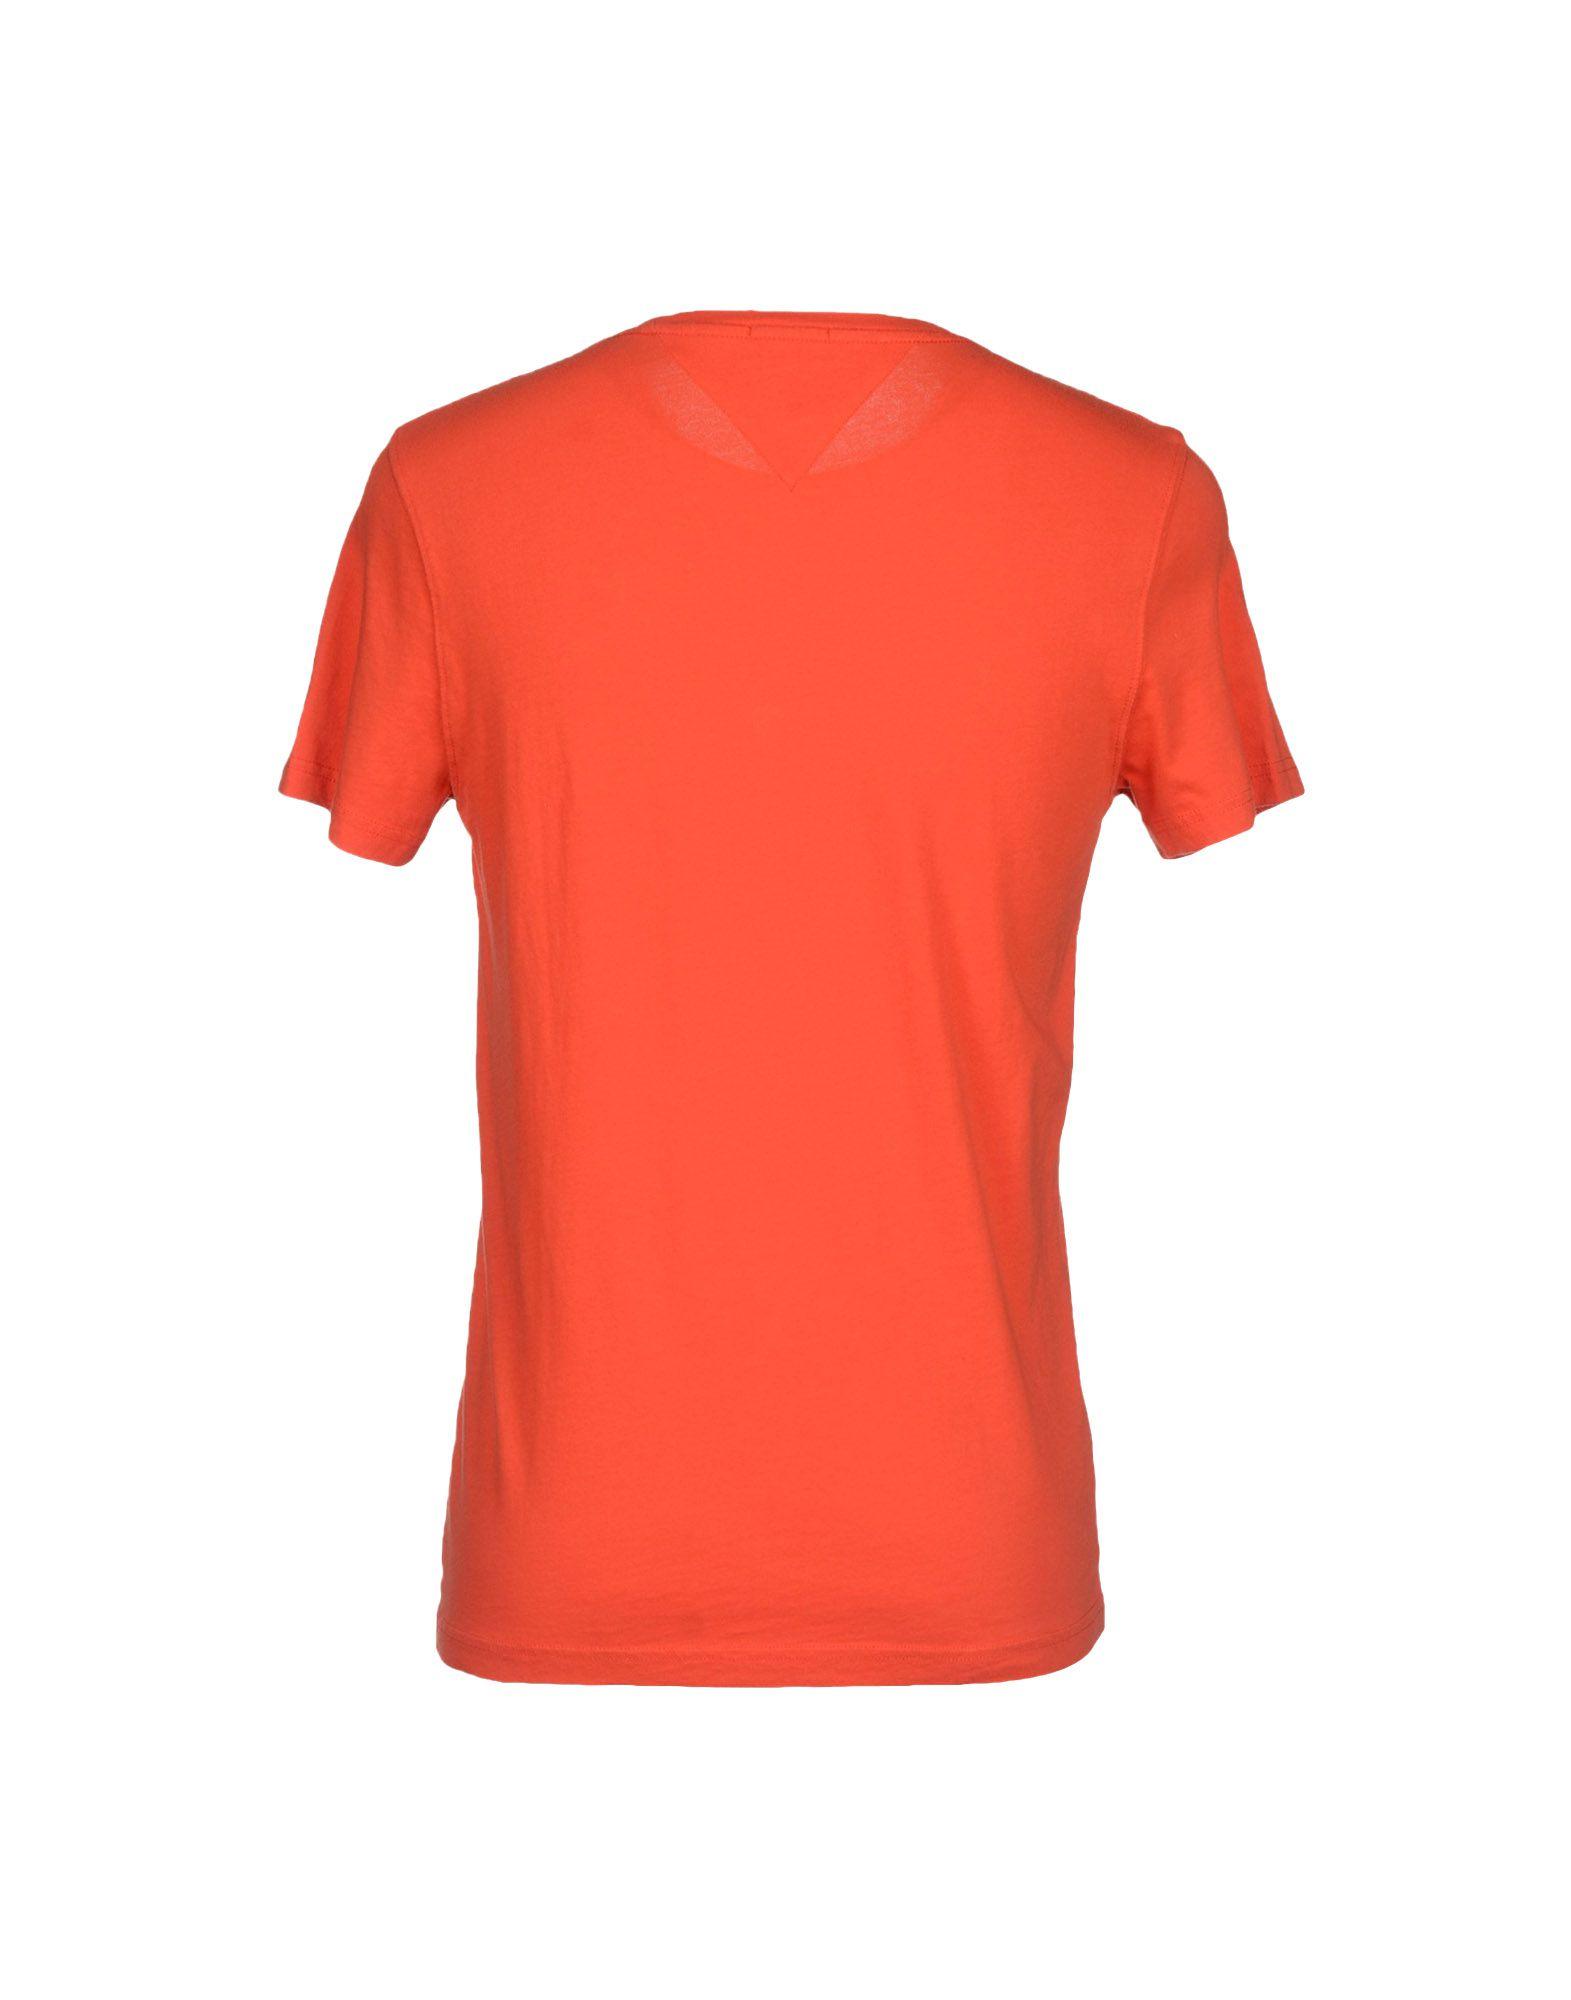 tommy hilfiger denim t shirt in orange for men lyst. Black Bedroom Furniture Sets. Home Design Ideas